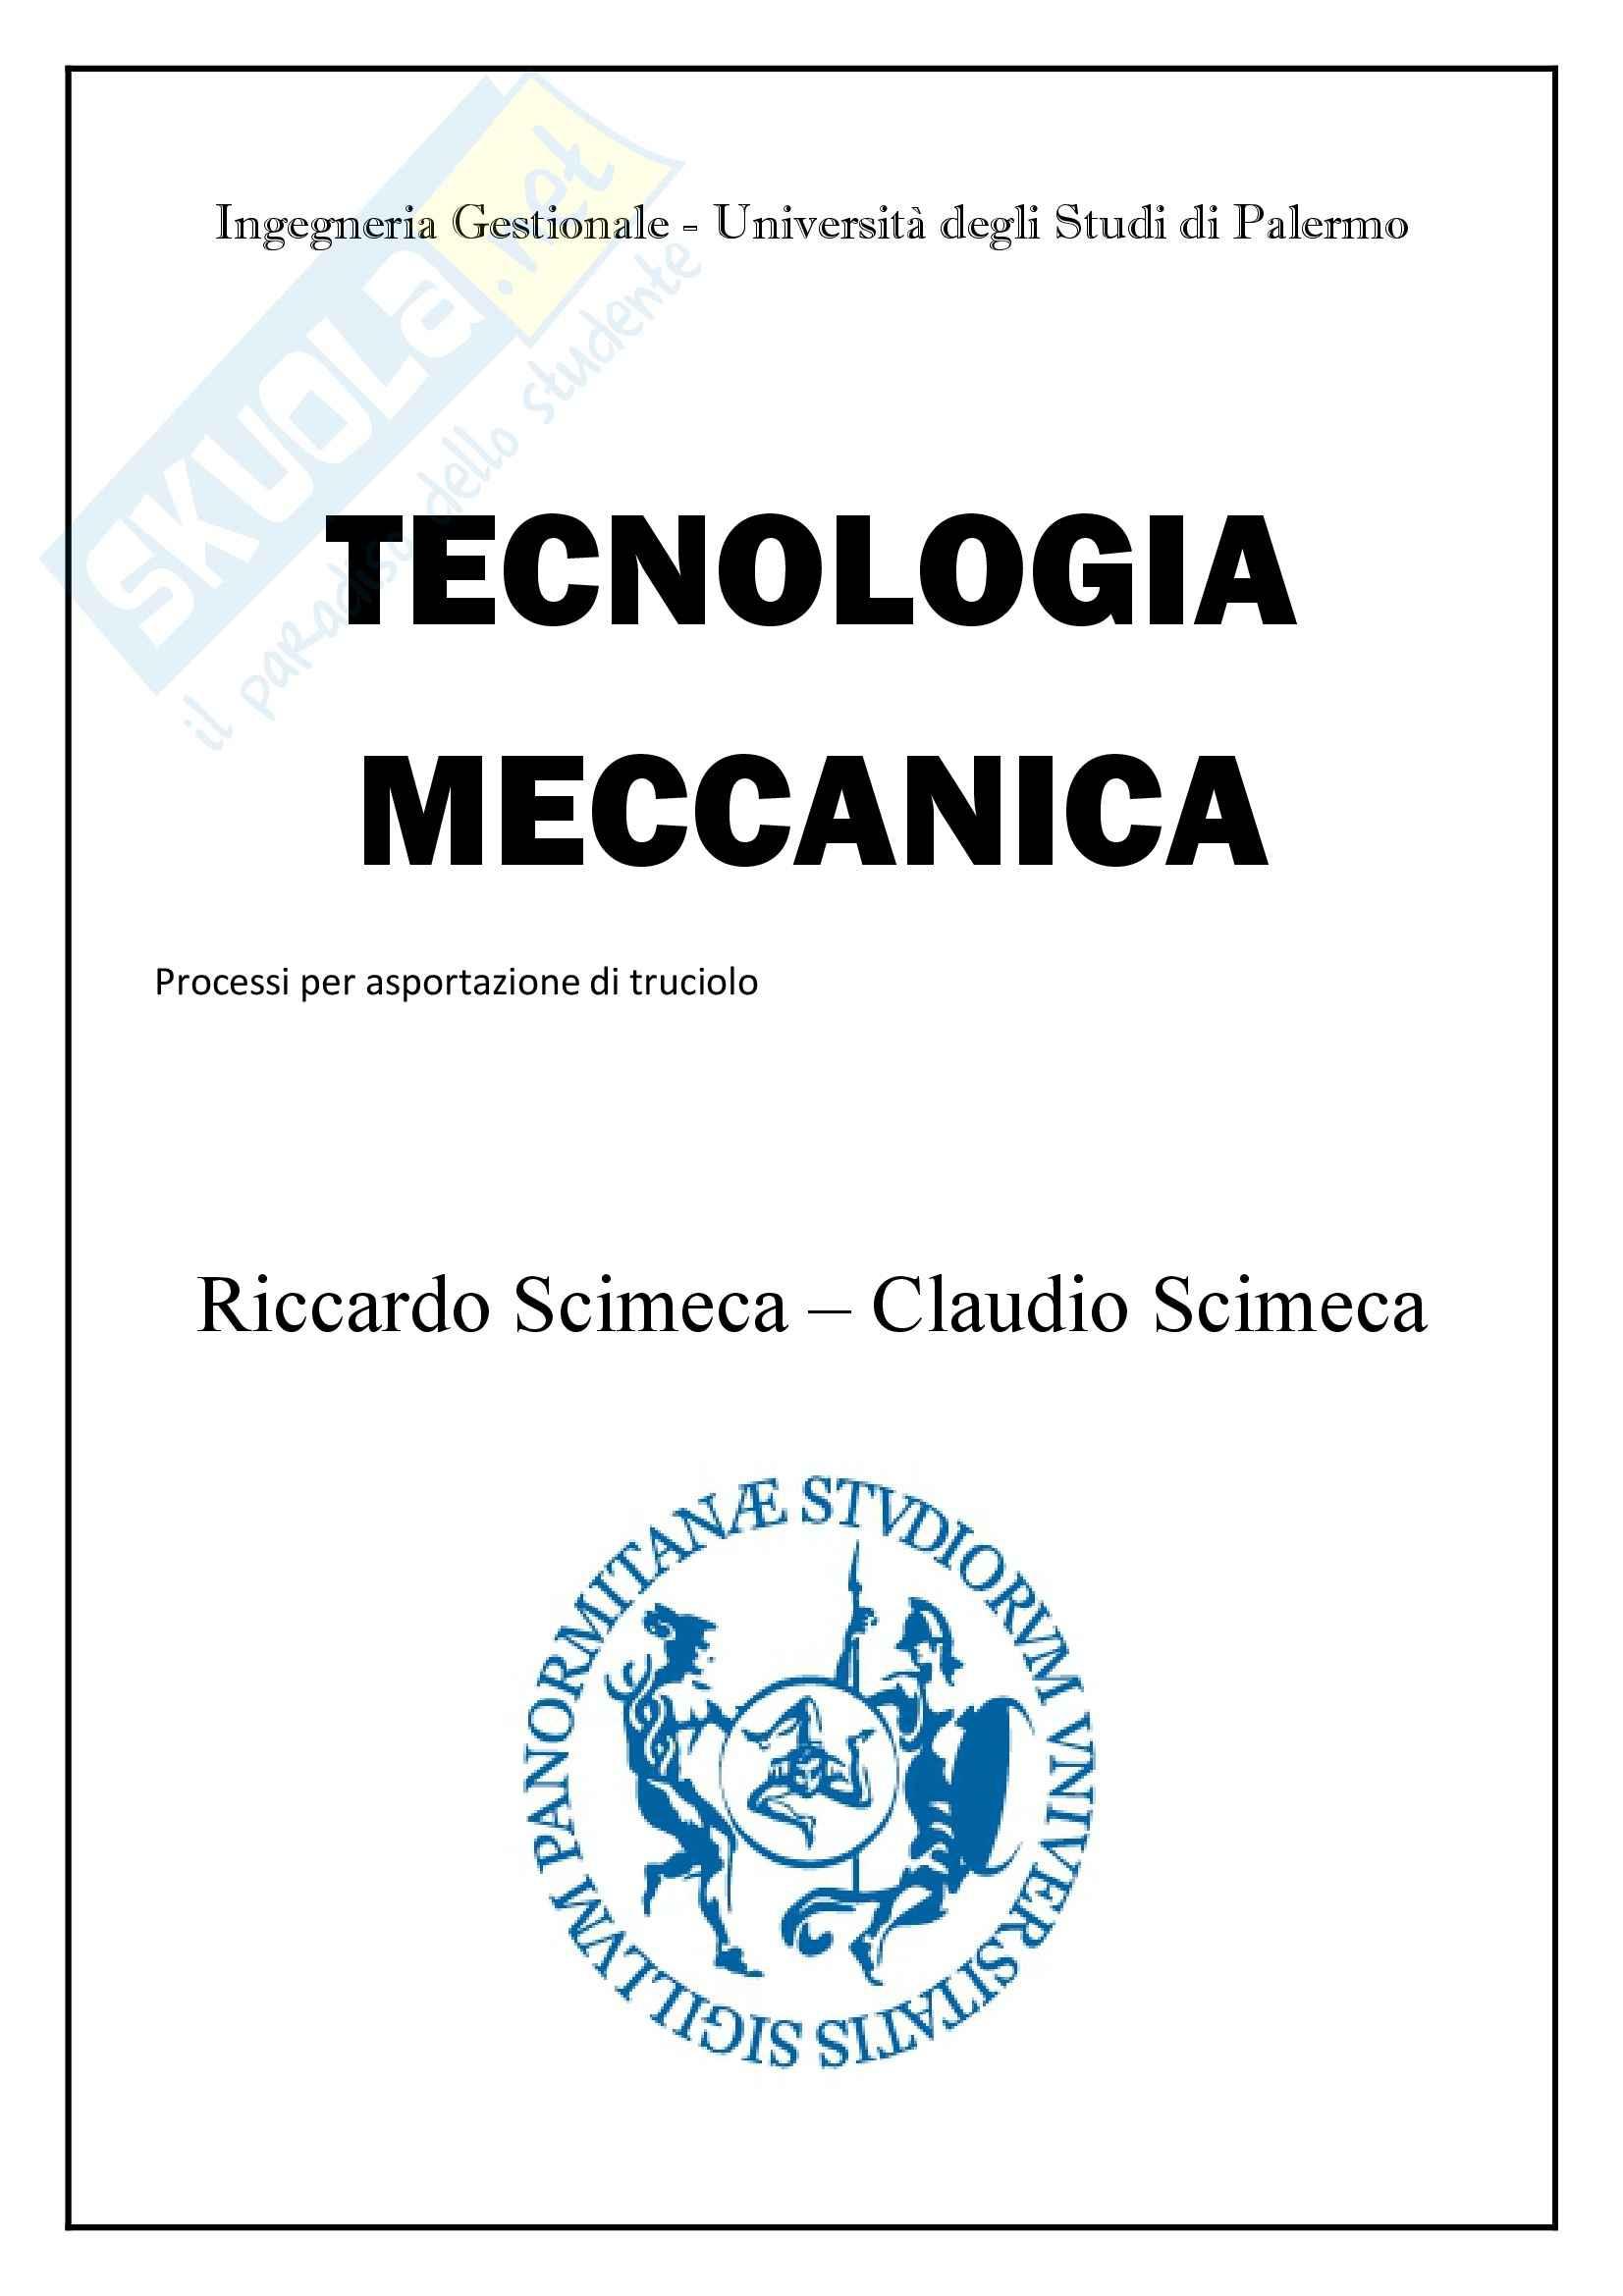 Processi per asportazione di truciolo, Tecnologia meccanica